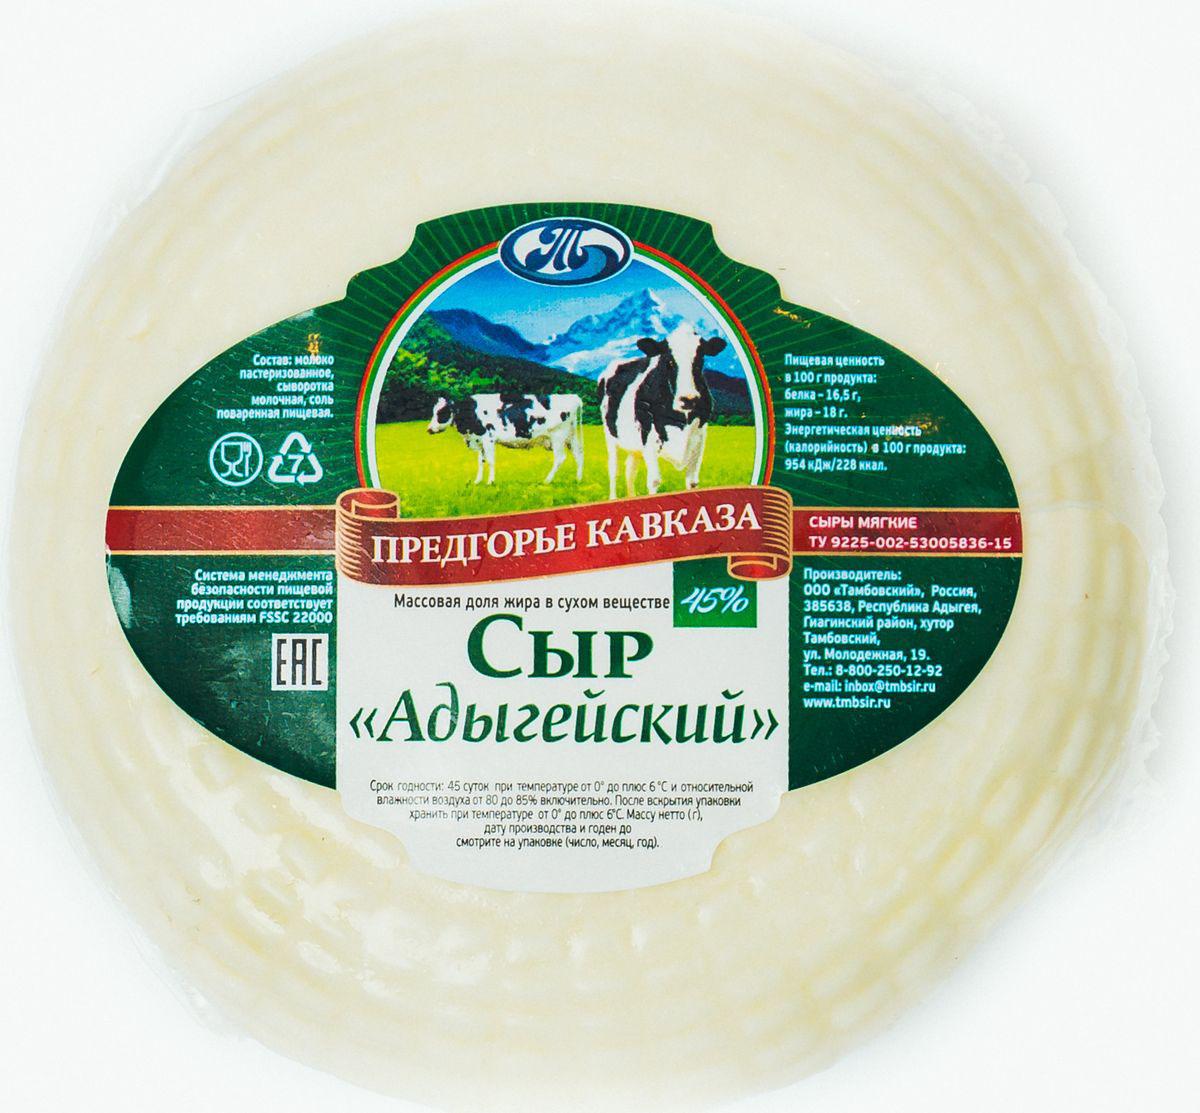 Предгорье Кавказа Сыр Адыгейский, 45%, 300 г281-277Сыр Адыгейский - это мягкий сыр, обладающий кисломолочным вкусом и нежной консистенцией.Ценность этого продукта невозможно переоценить. Это богатейший источник белка (главный строительный материал в организме человека), кальция (микроэлемент, который принимает участие в формировании костной ткани человека), витаминов В, С и А (укрепляют организм, повышают иммунитет). Микроэлементы и минеральные вещества легко всасываются в кровь, что также позволяет организму быть более сильным и крепким. Продукт можно считать диетическим: на 100 г продукта приходится 16,5 г белка, 18 г жира.Калорийность: 228 кКал.